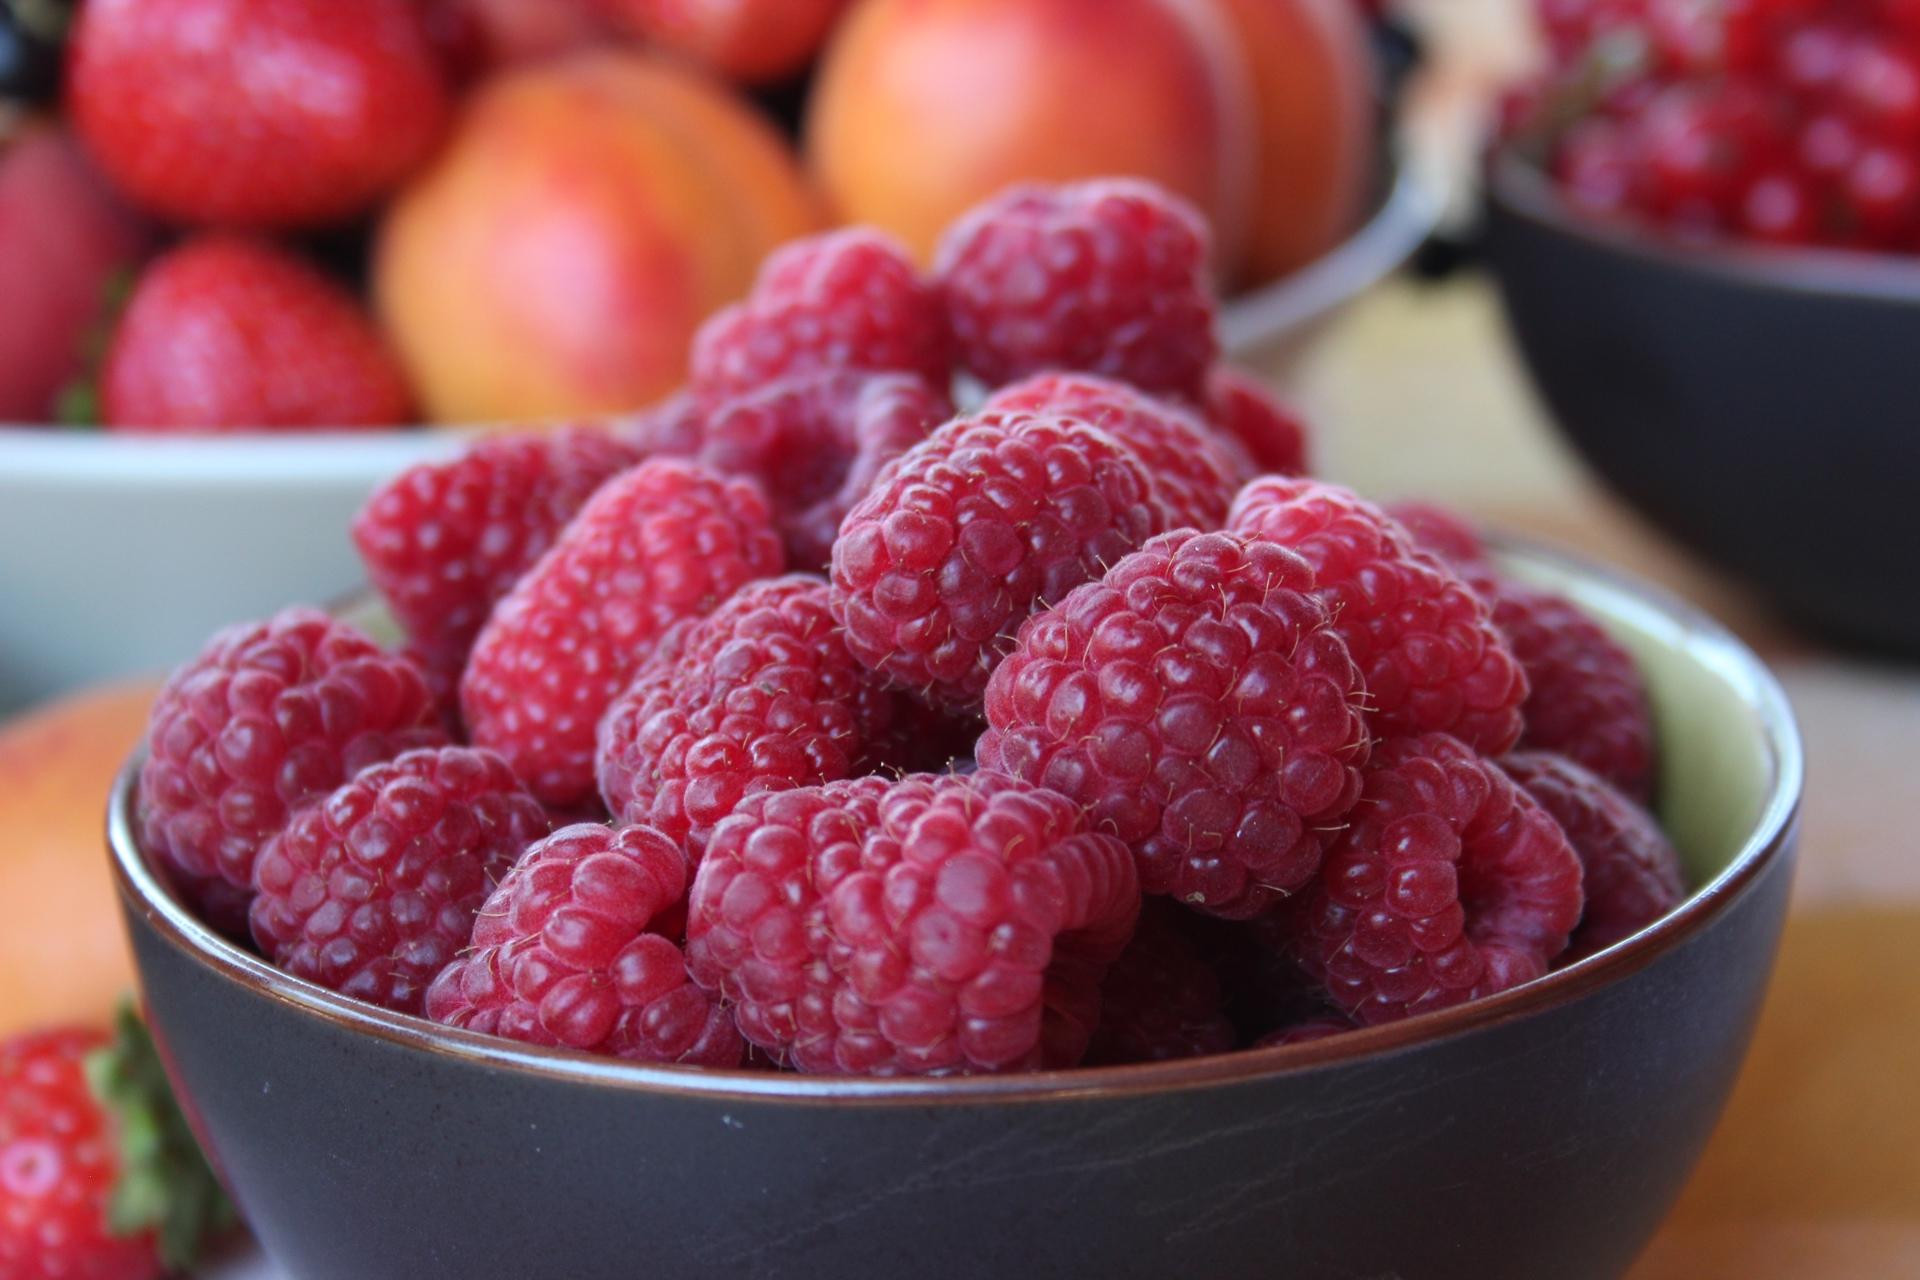 Self service de framboises ouvert ce samedi 14 juillet philfruits - Comment cueillir des fraises ...